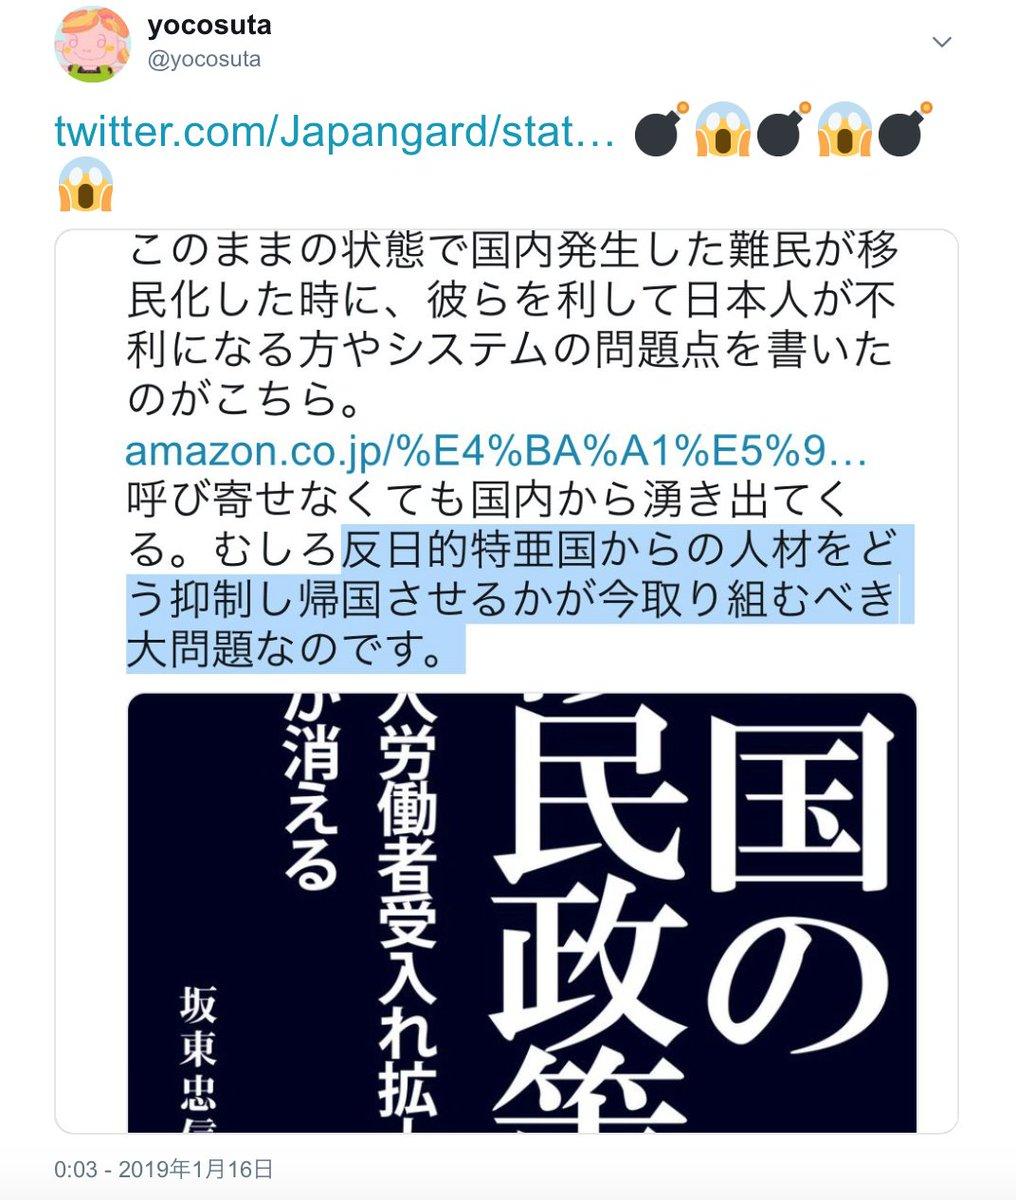 test ツイッターメディア - @Shape_Of_My_Hrt @Wl9uZ どういたしまして✨☺️🌈 こたママ kotamamaさんをフォローしていればたいてい必要なことが流れてきますよ❣️とりあえずは入管法のパブリックコメントかと🙏🌈で、次は坂東さんご指摘のどうやったらお帰りいただける🙇♀️のかでしょうかね、むずっ😱😱😱❗️❓ https://t.co/qUihrcWFRZ https://t.co/08S6KpEaGW